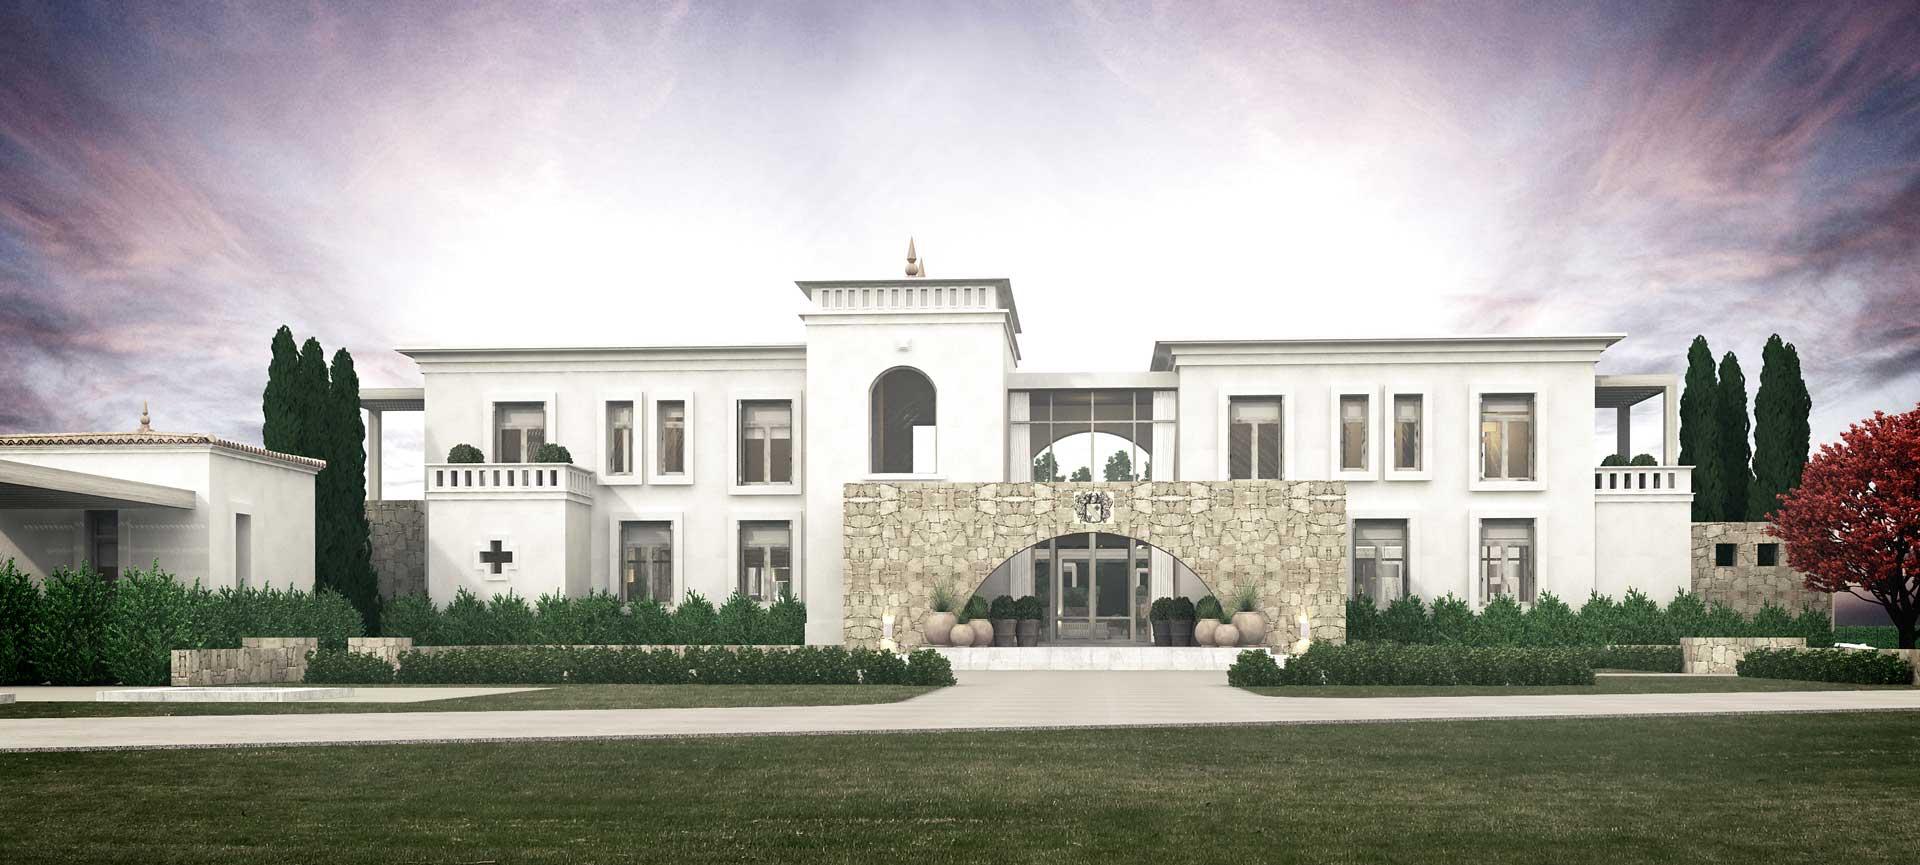 hotel-palacio-1-rev